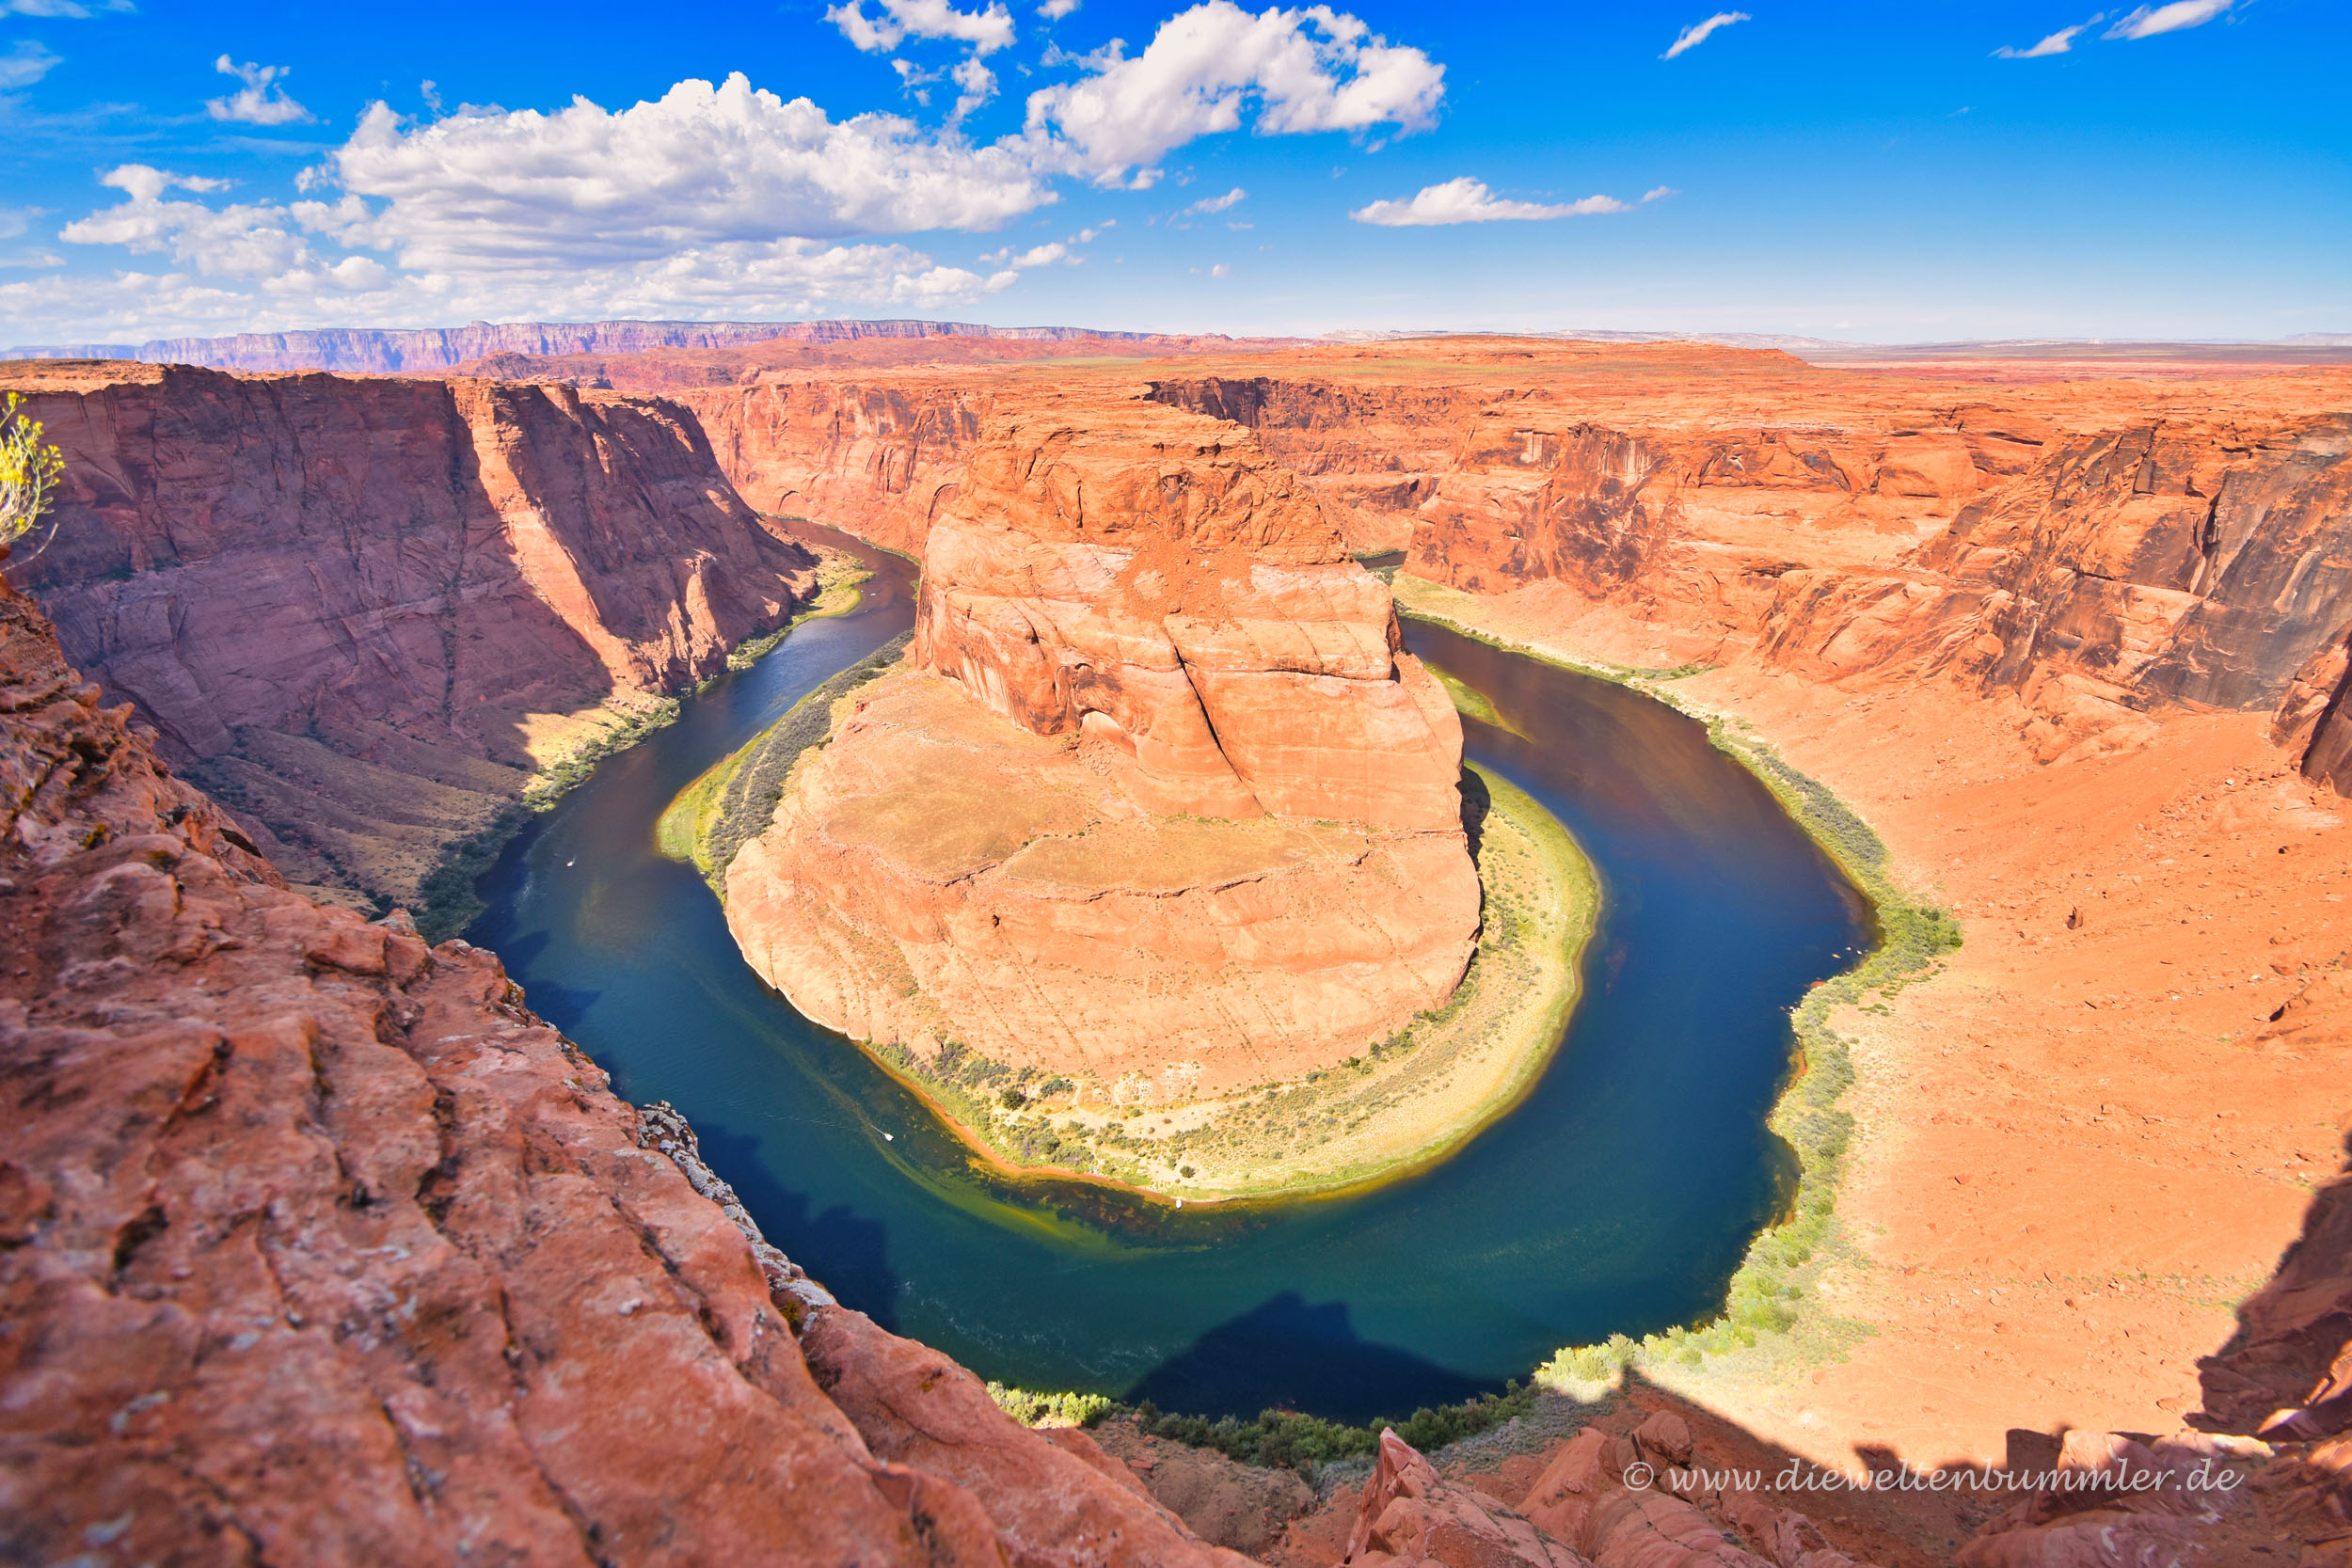 Horsehoe Bend in Arizona